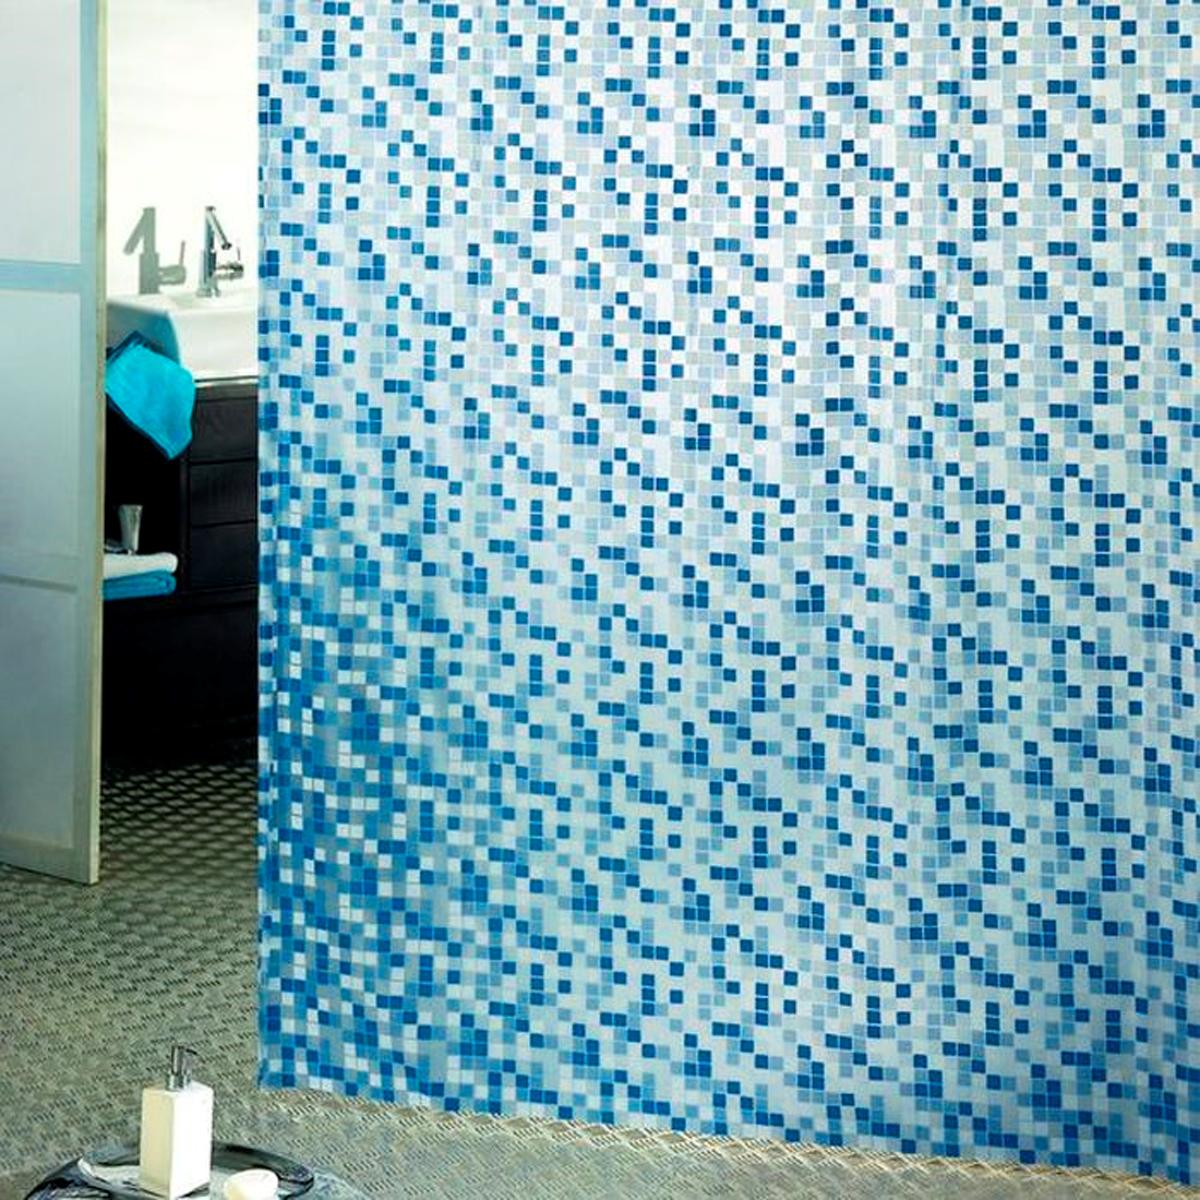 Влагонепроницаемая, надежная, долговечная и практичная штора для ванной от производителя  с мировым именем Bacchetta. Выполнена штора из высококачественного ПВХ. Технология  производства изделий отвечает новейшим европейским стандартам. Полотна отличаются  высочайшими качественными характеристиками: высокими показателями износостойкости,  прочности, цветостойкости и цветопередачи. Рисунок орнамента выполнен с применением  тиснения, что создает визуальное ощущение объемности рисунка, это стильно выглядит в ванной  комнате любого размера, рисунок не создает визуального нагромождения. Штора обладает  высокой прочностью, в комплекте предусмотрено 12 пластиковых колец. Штора со временем не  выцветает, а рисунок не вымывается. Изделие легко моется и быстро сохнет.